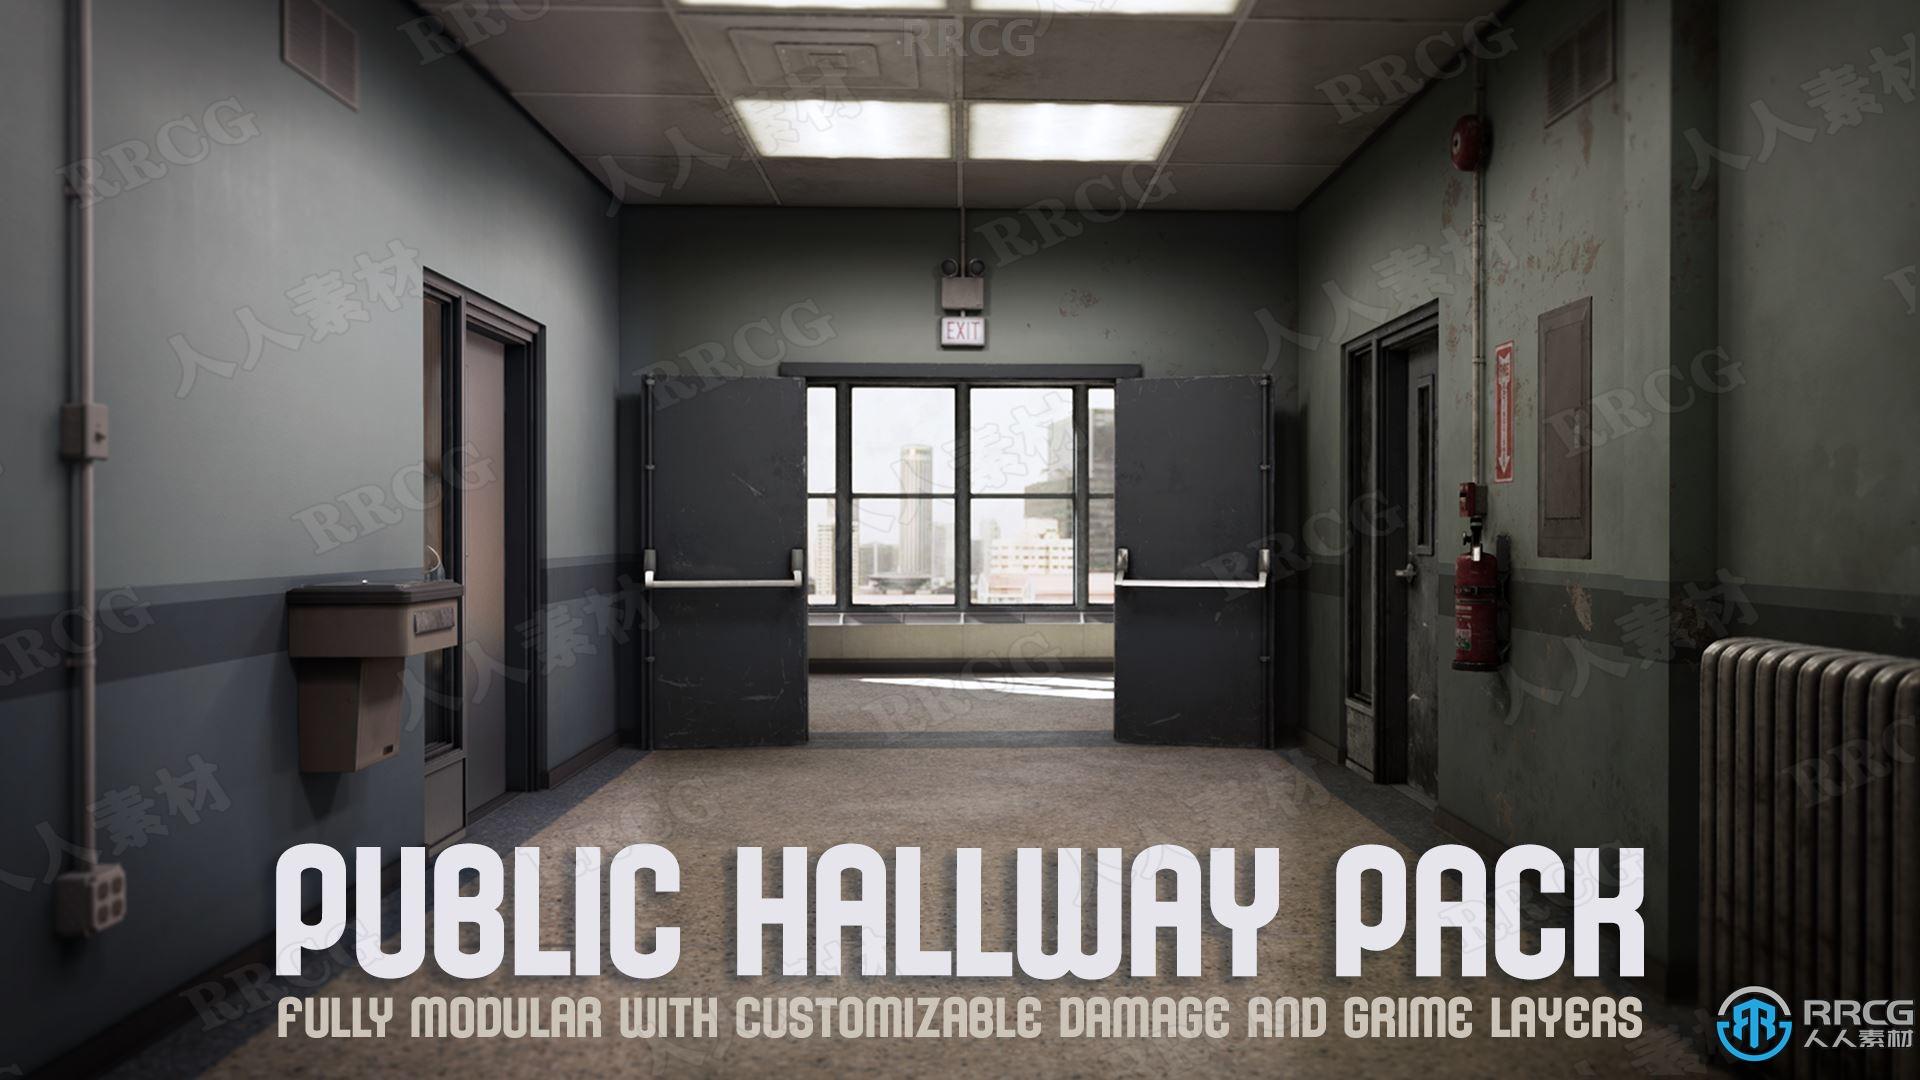 废弃老旧室内模块化环境道具Unreal Engine游戏素材资源